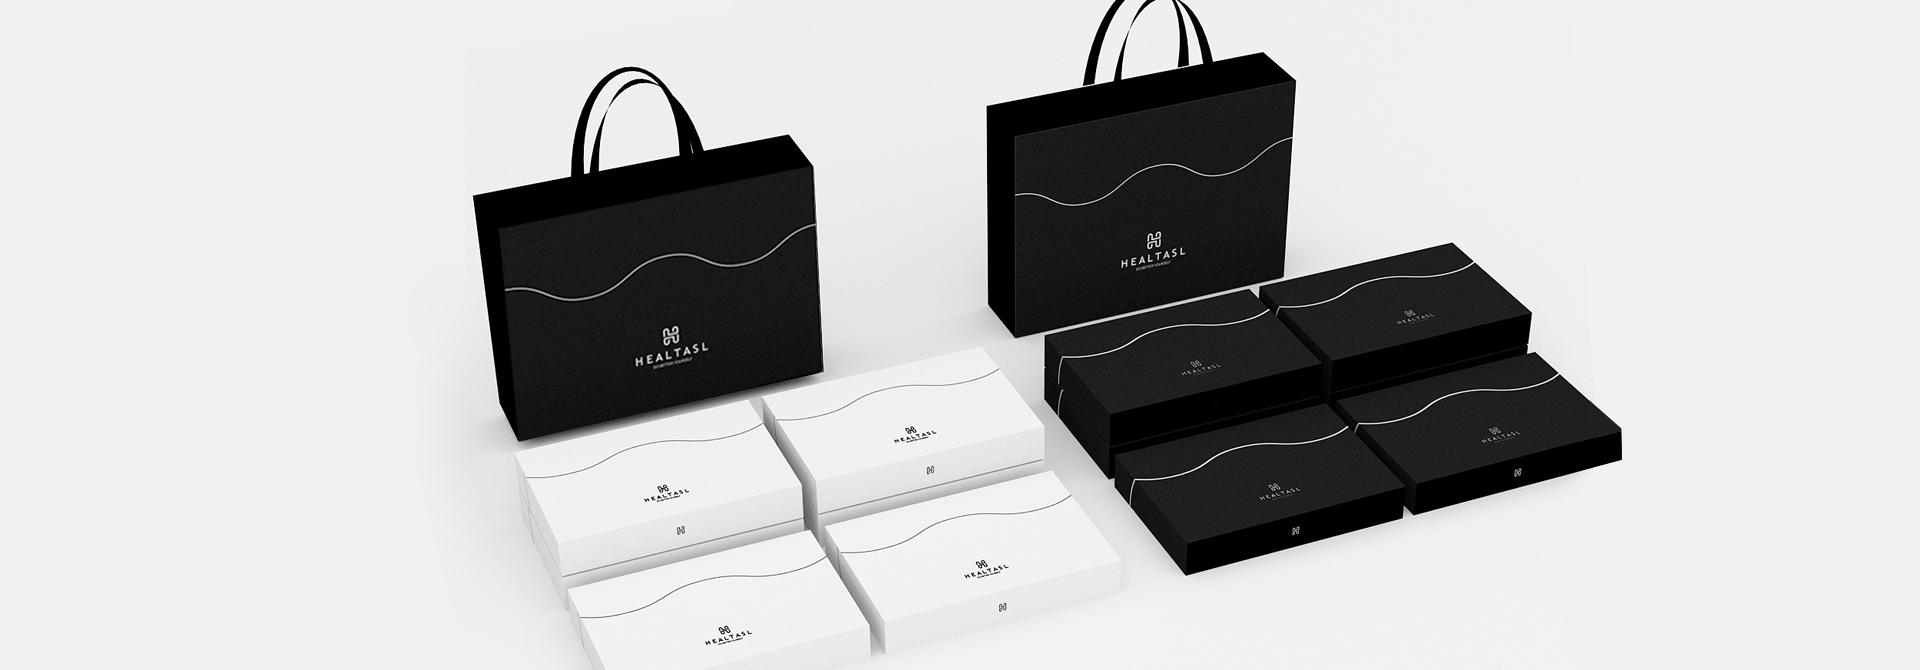 塑形内衣logo设计_塑形vi设计和包装设计